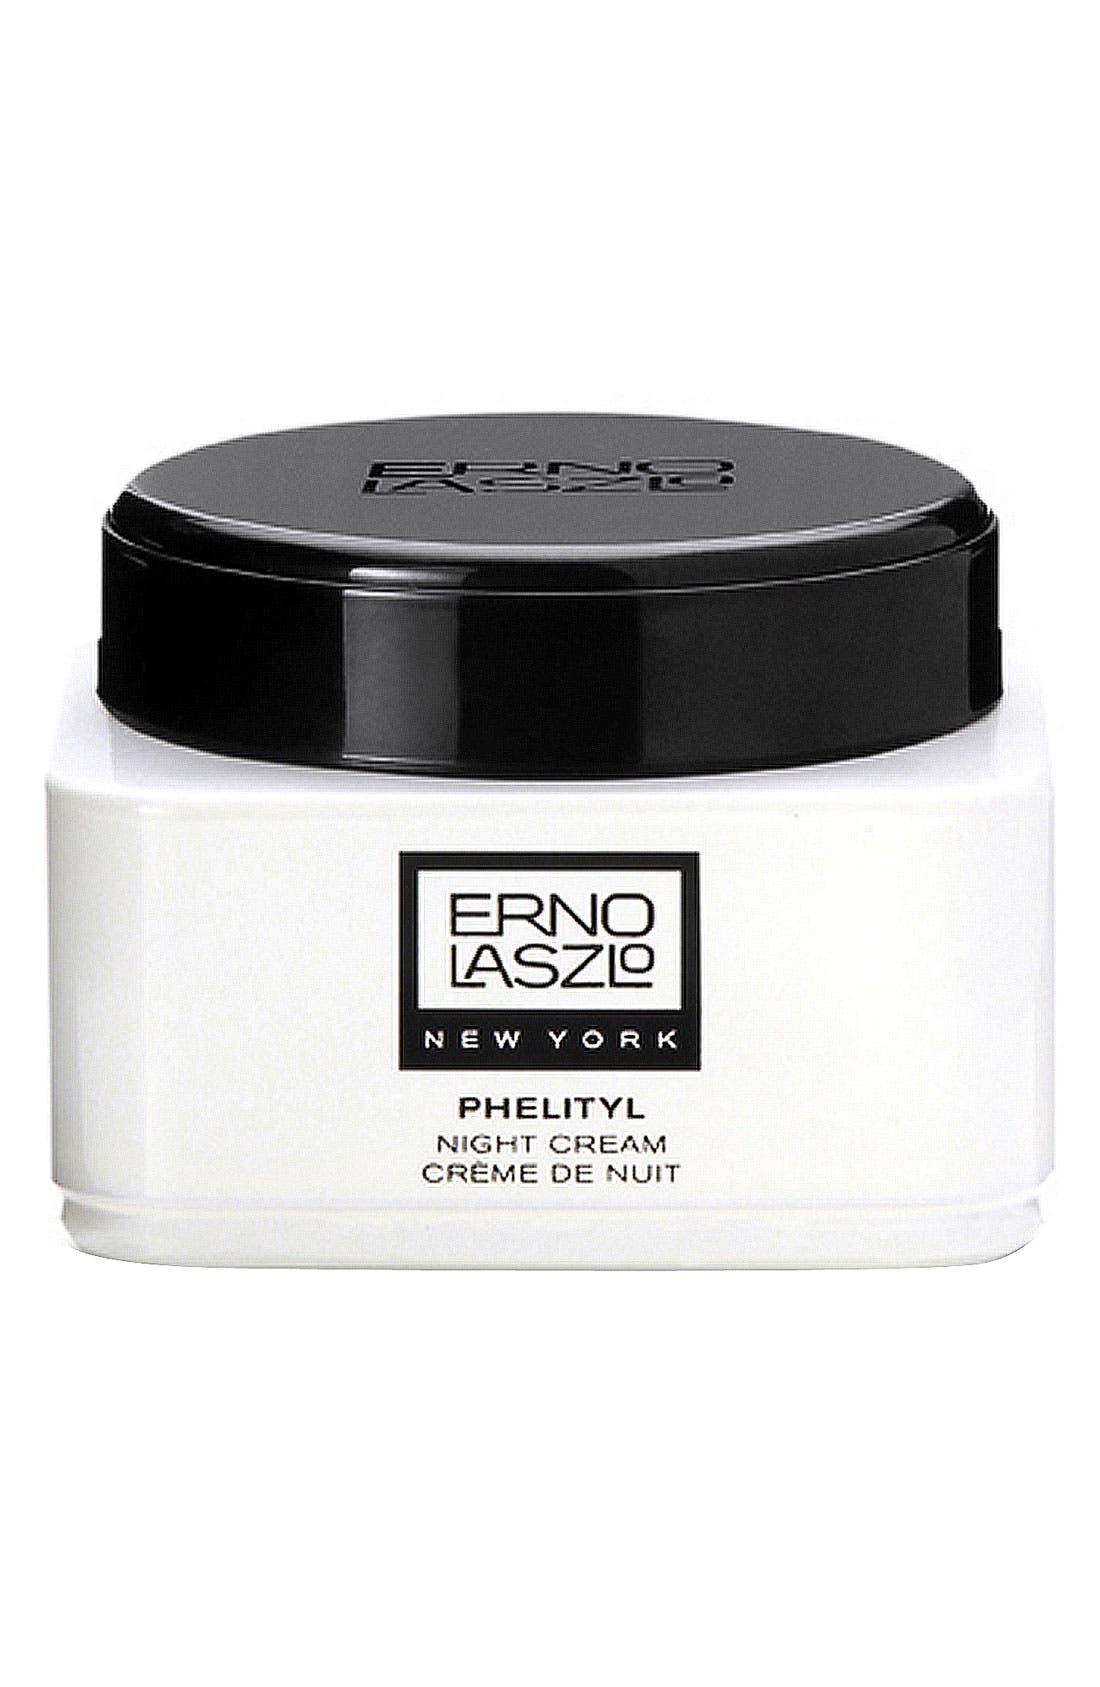 Erno Laszlo 'Phelityl' Night Cream